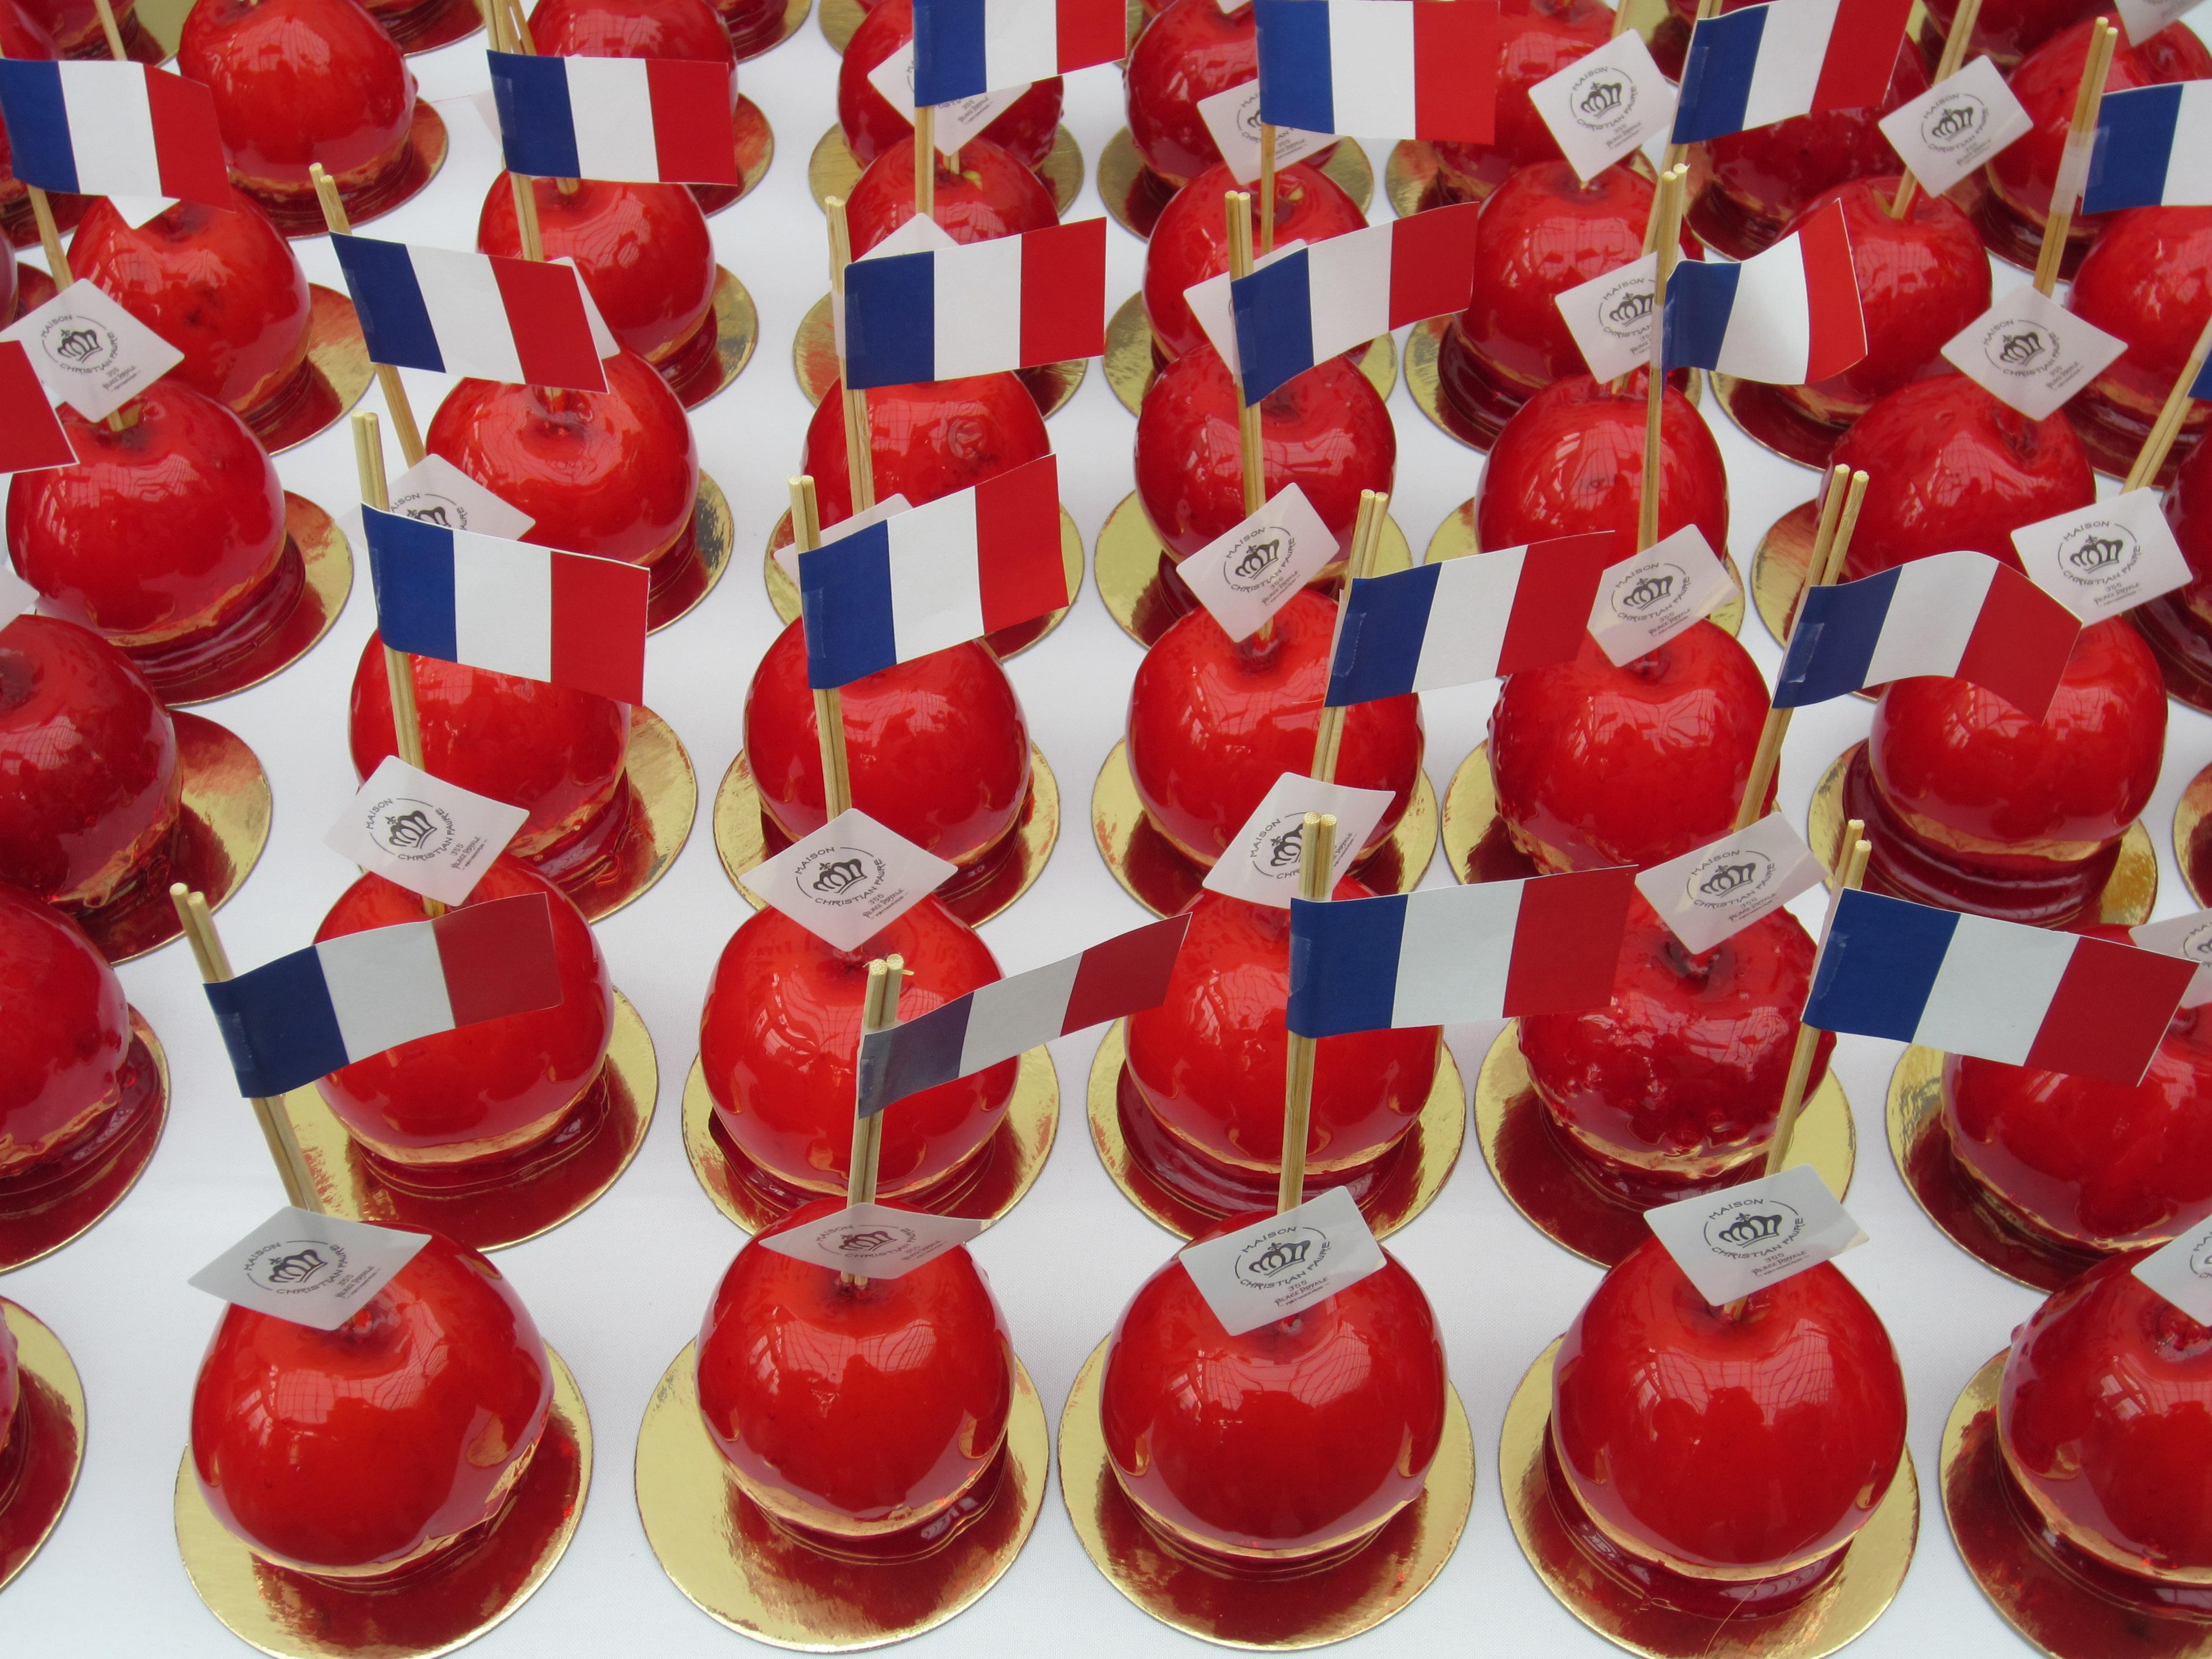 Célébrer le 14 juillet à travers le Québec